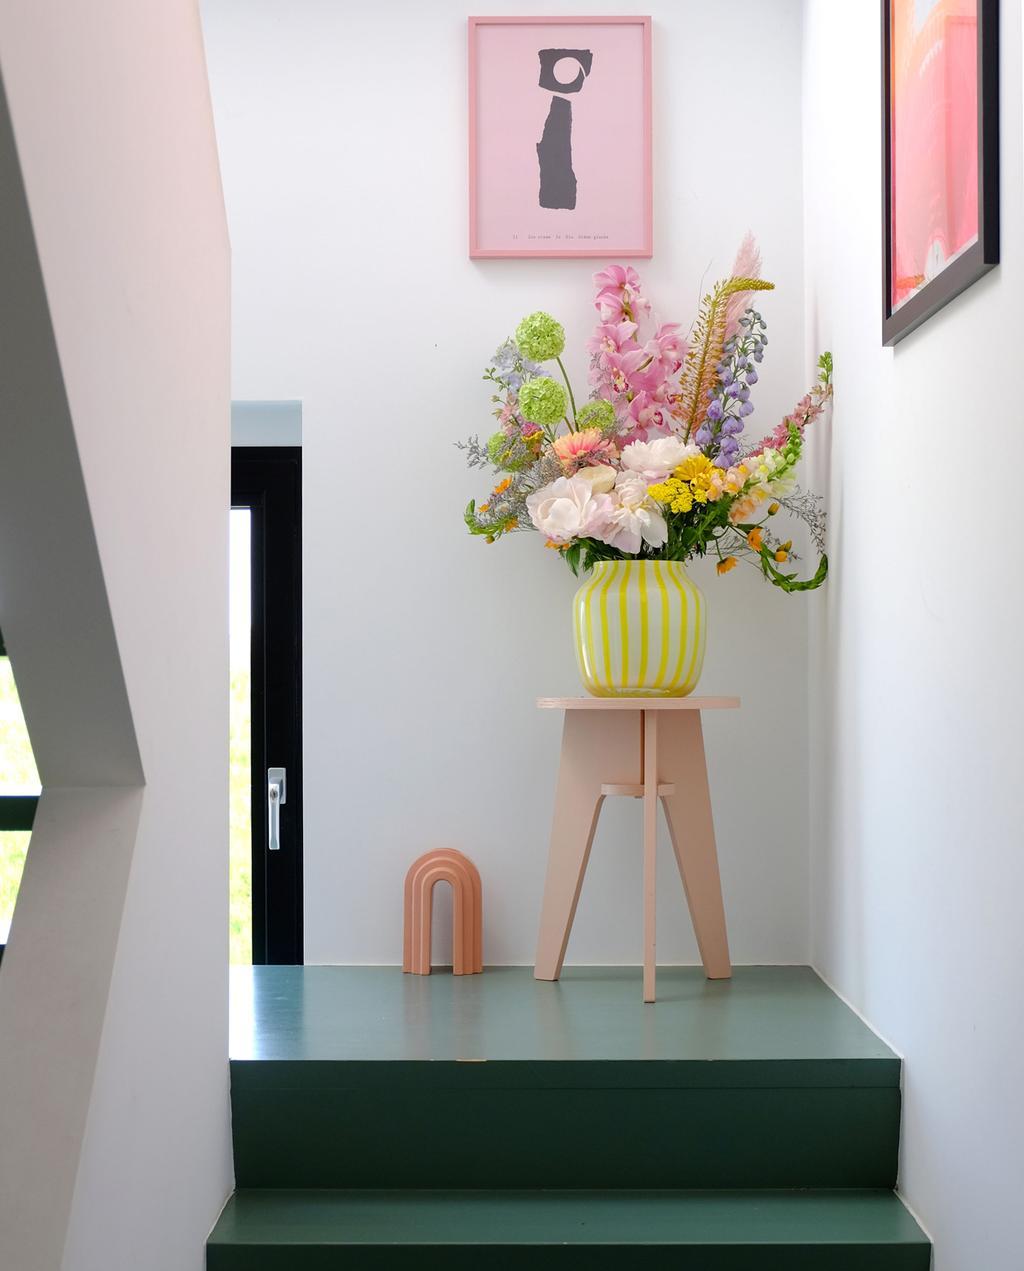 vtwonen PRCHTG | moederdagcadeaus bloemen in gele vaas in de gang